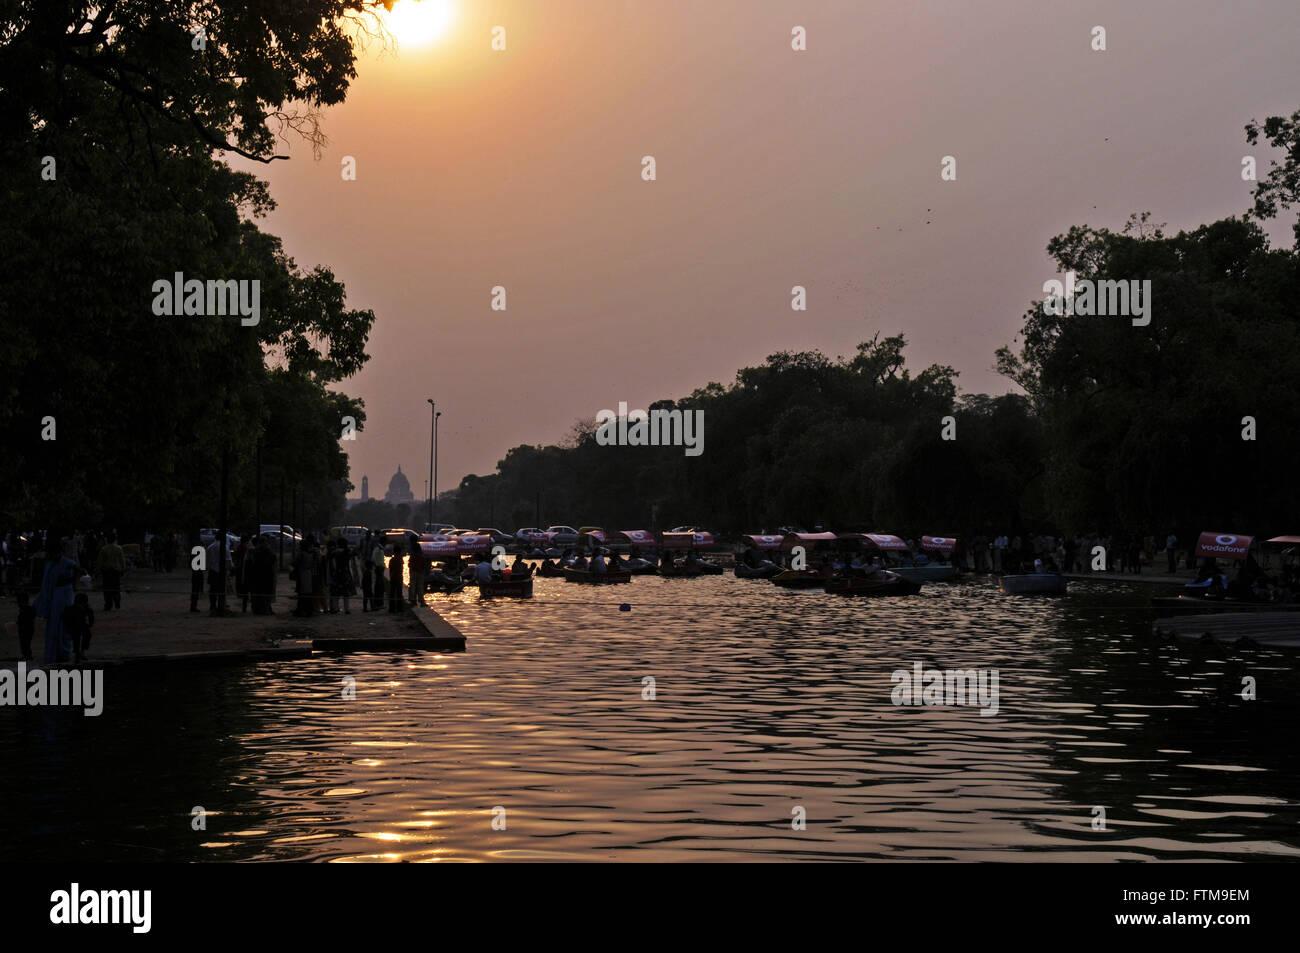 Stagno nel parco in india Gate nella Città di New Delhi Immagini Stock